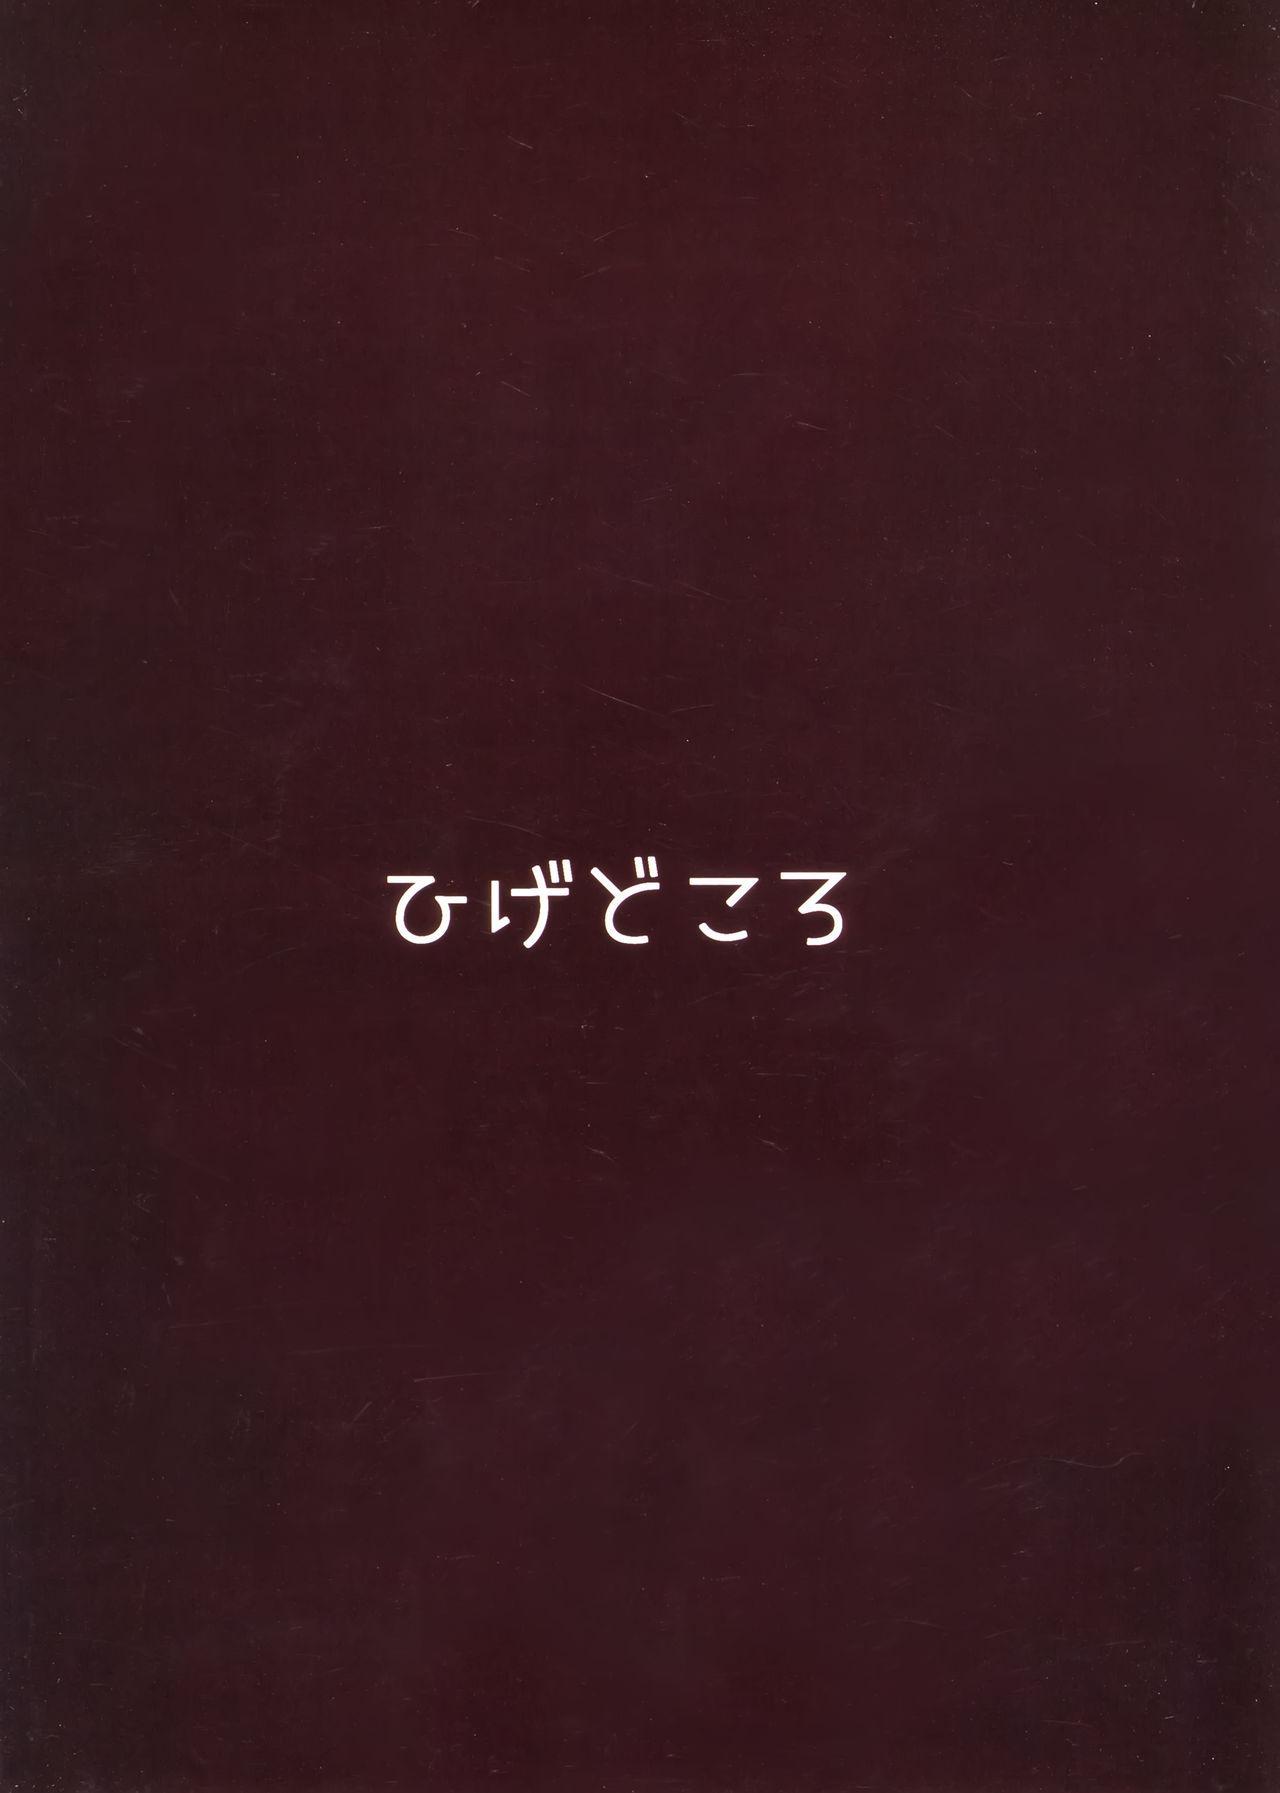 Bunshin shita Kishi-kun ga, Kokkoro to Shiori o Mederu Hon 21